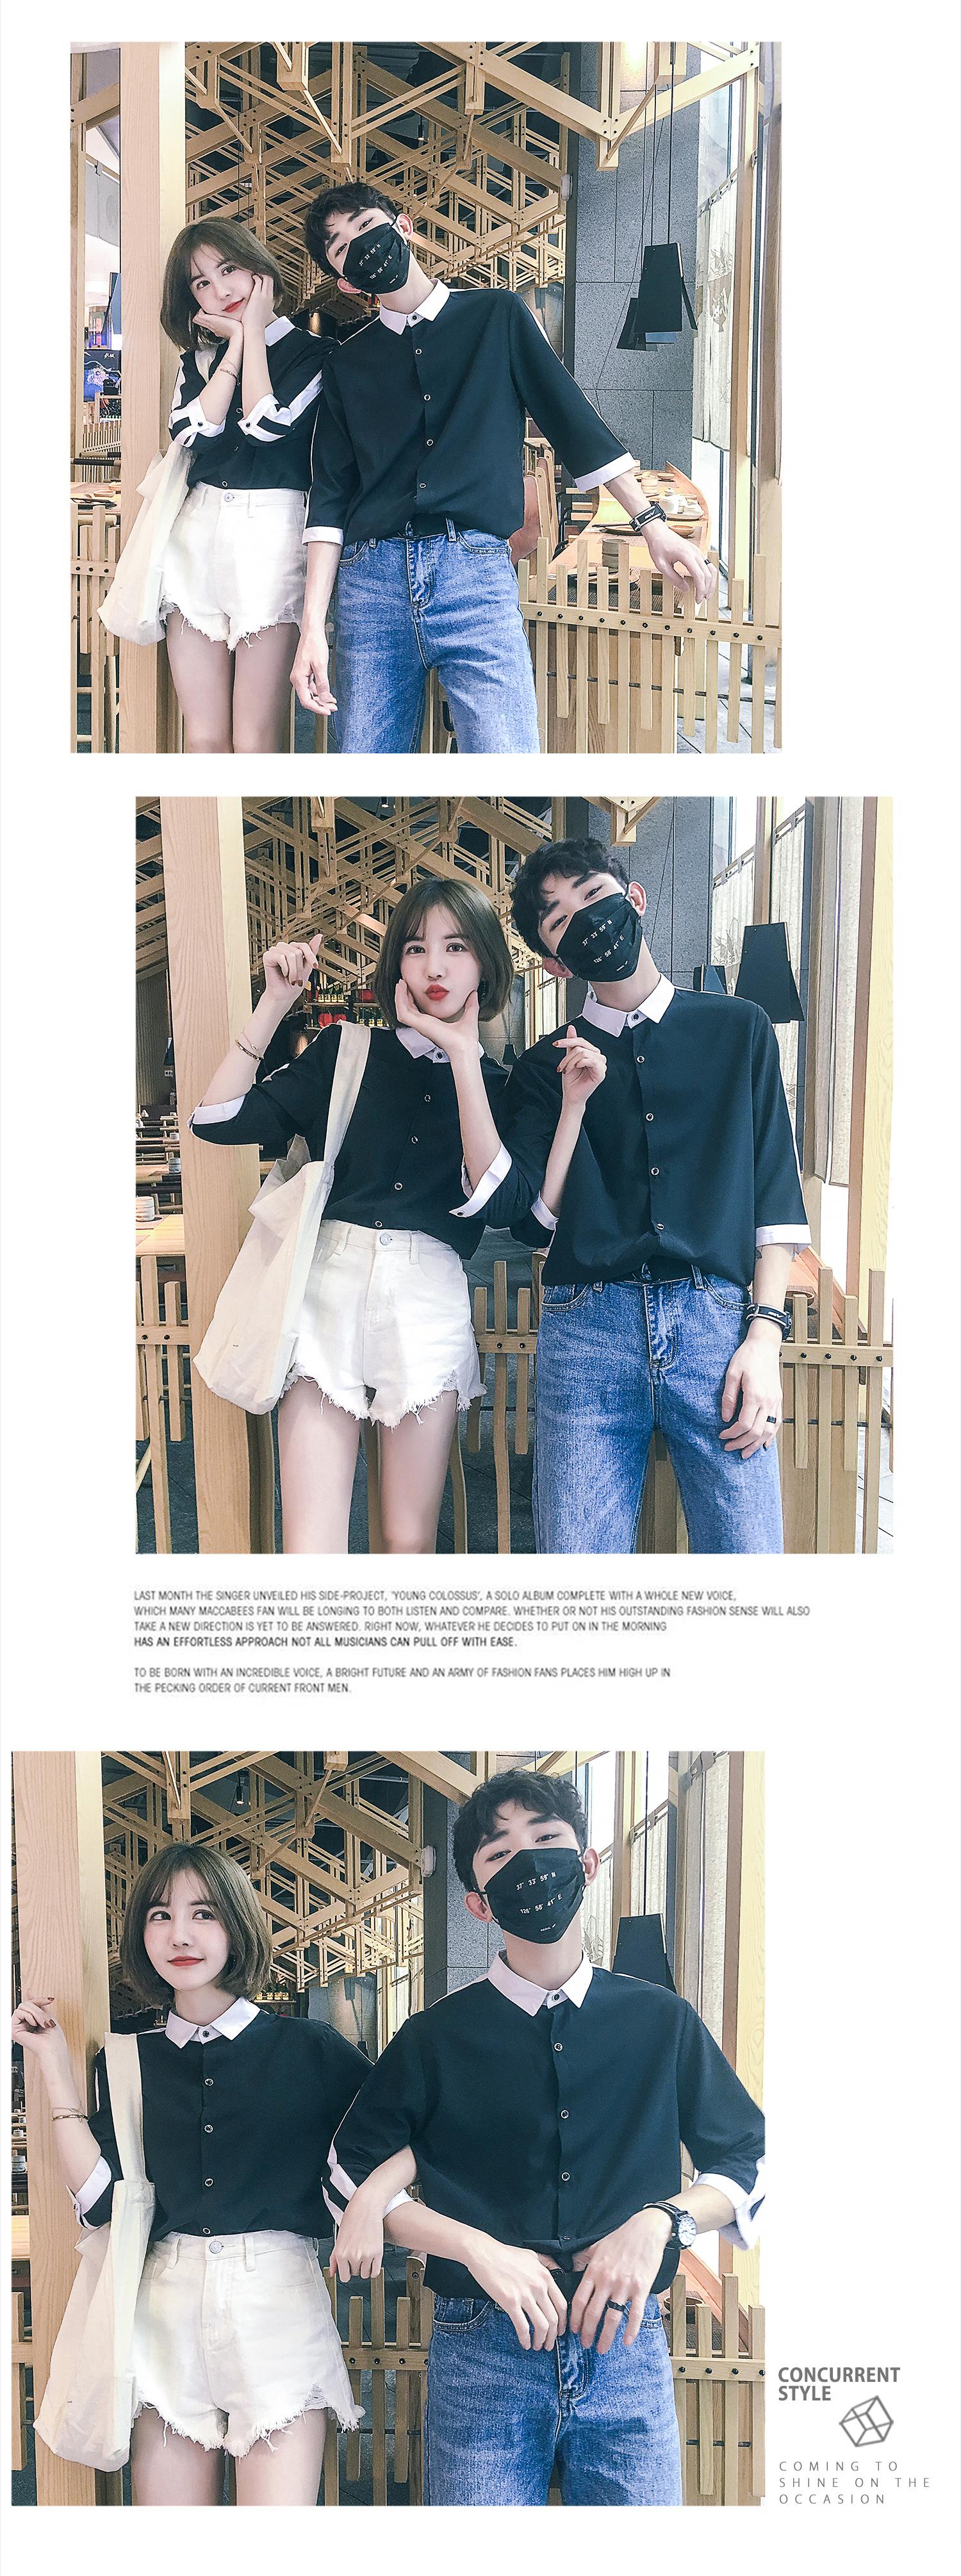 夏季七分袖拼接情侣衬衣修身男女同款工作制服 y463/p45男装类